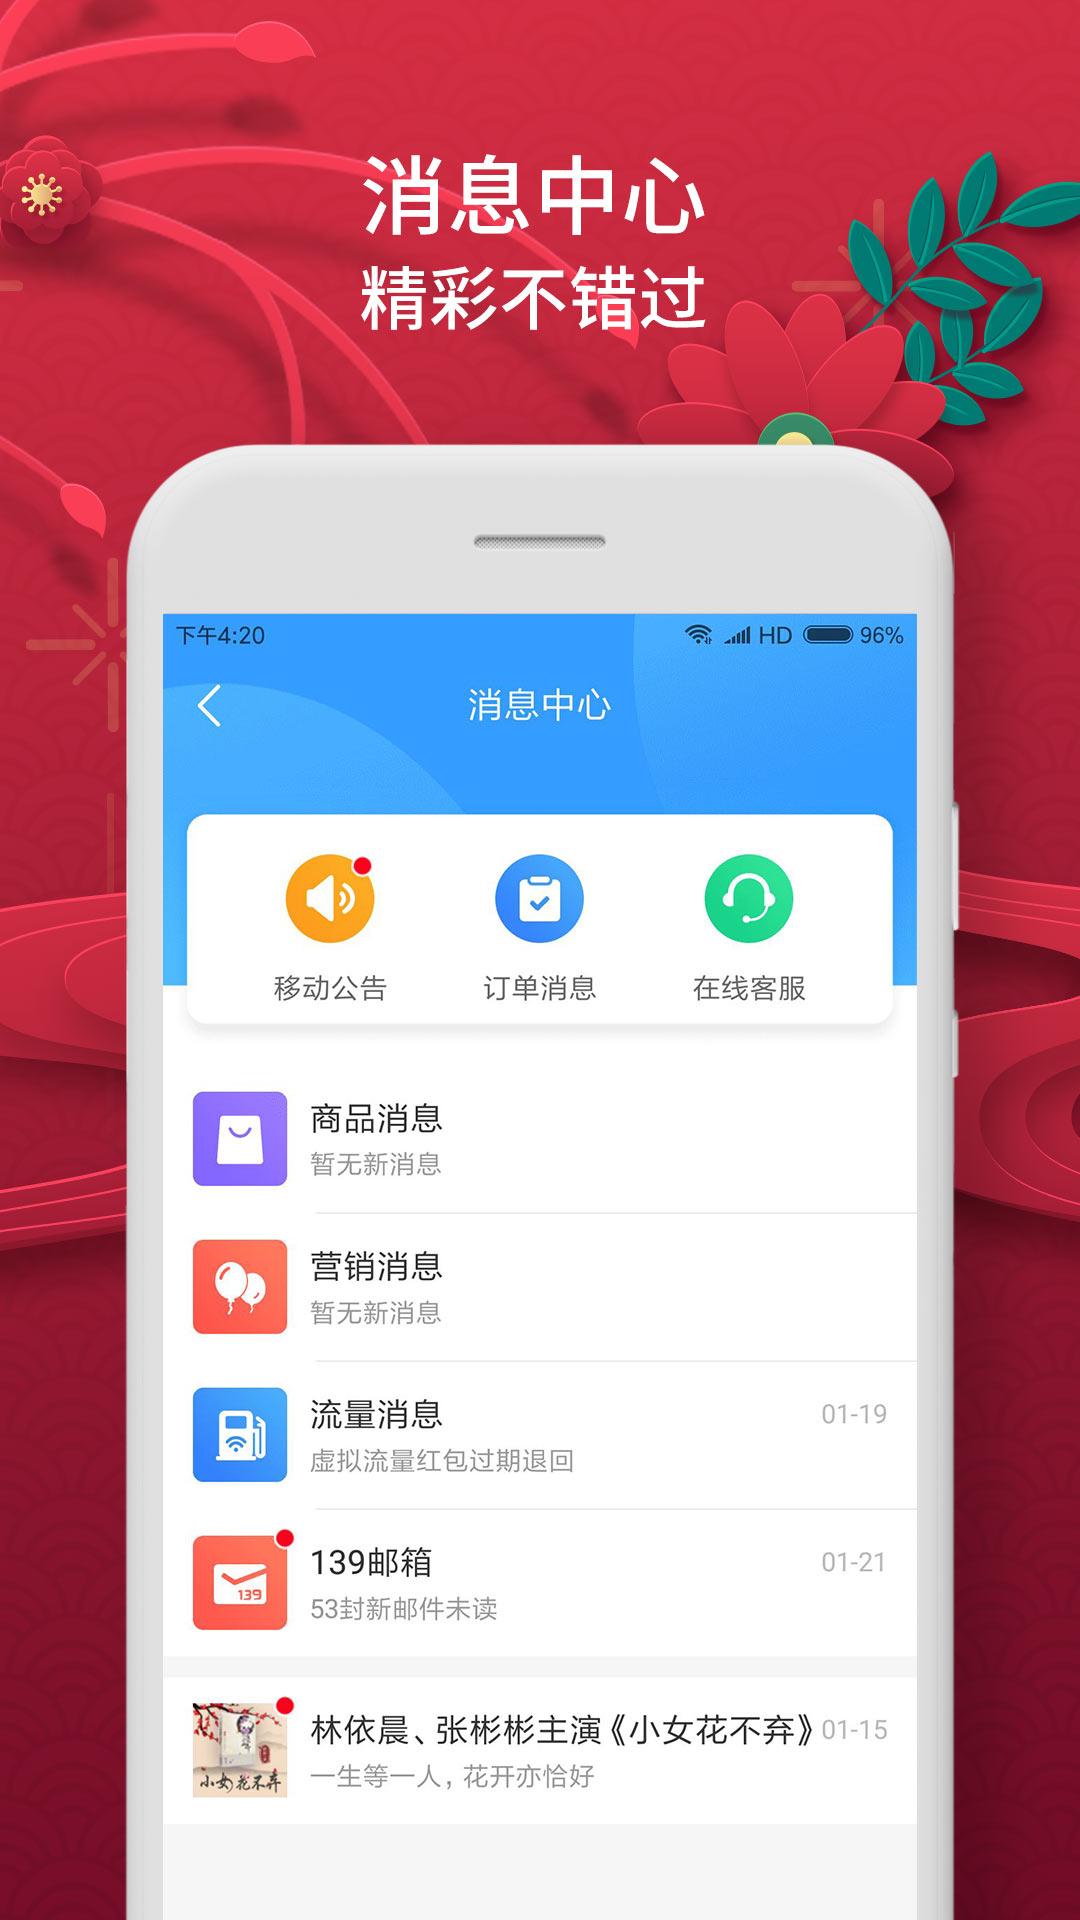 中国移动官方商城_中国移动免费下载_华为应用市场 中国移动安卓版(5.2.0)下载